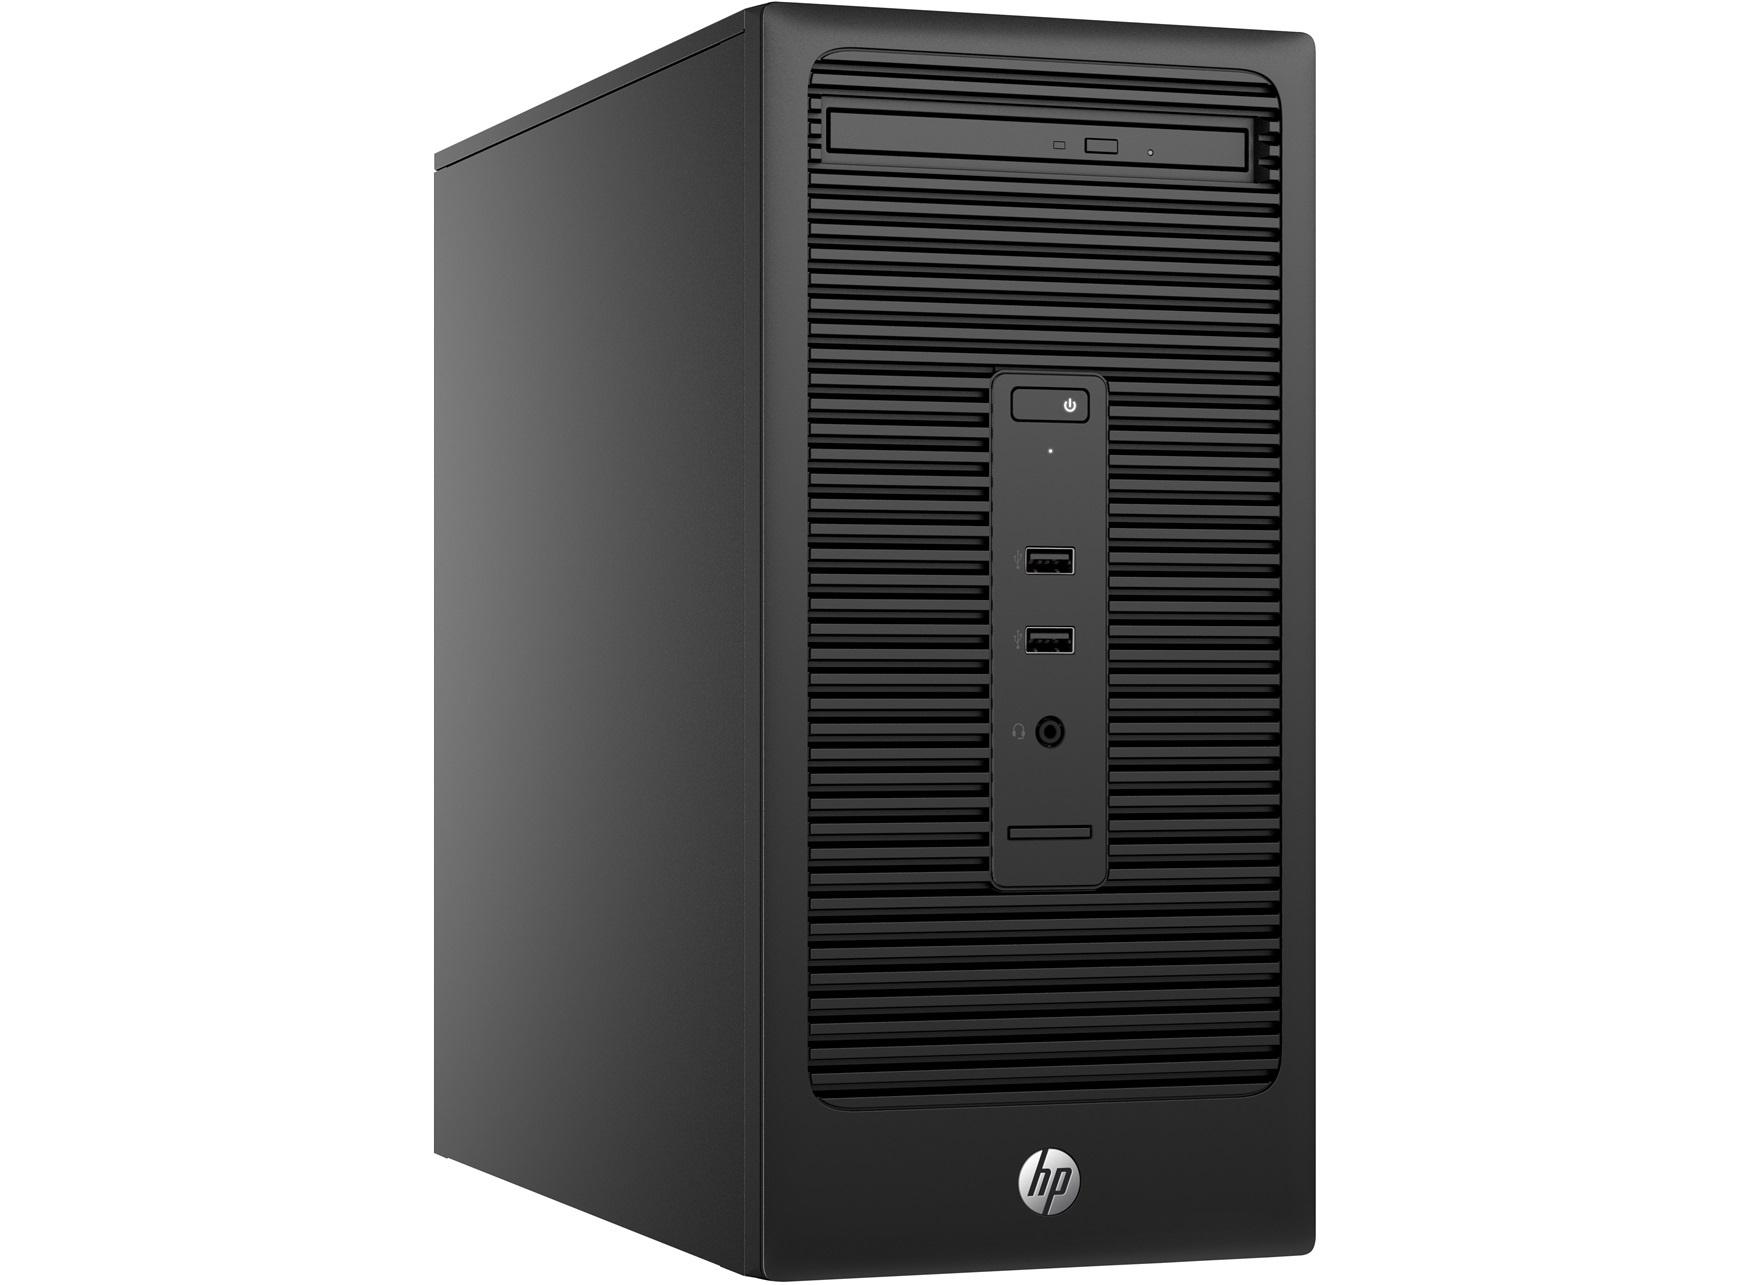 Máy tính để bàn HP 280 G2 Microtower - 1AL15PA